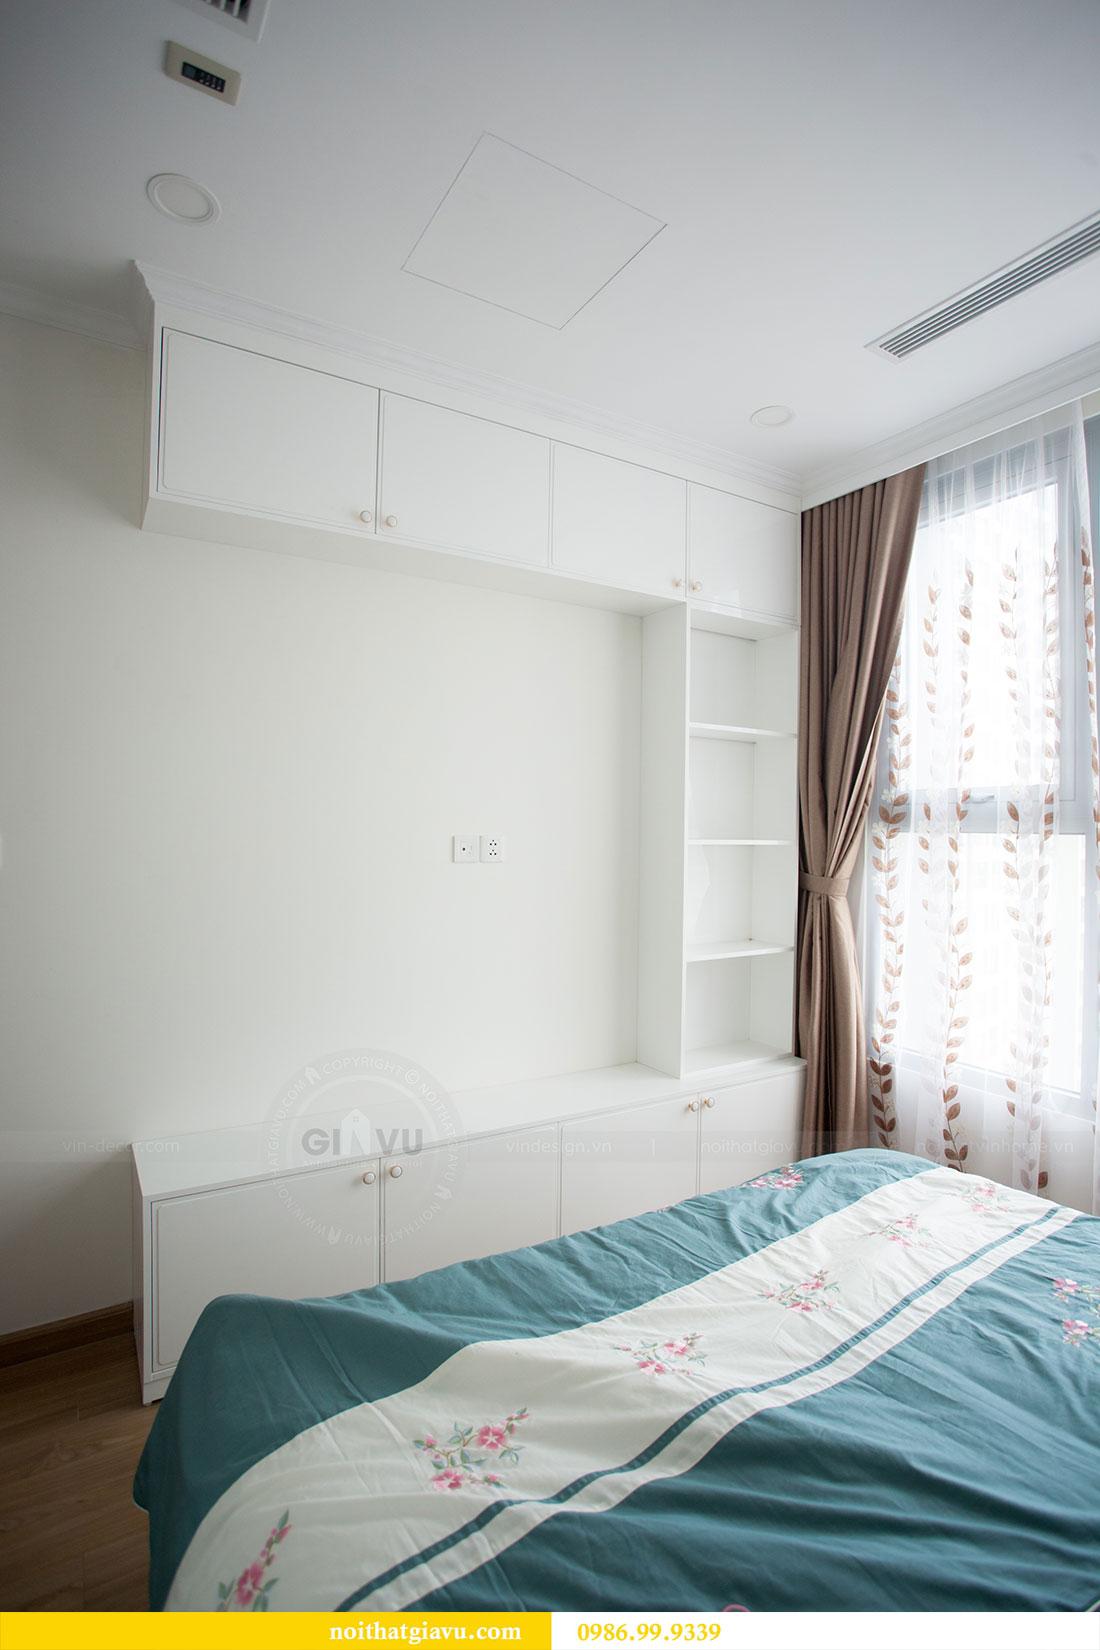 Thi công hoàn thiện nội thất chung cư Gardenia căn 21 tòa A3 8